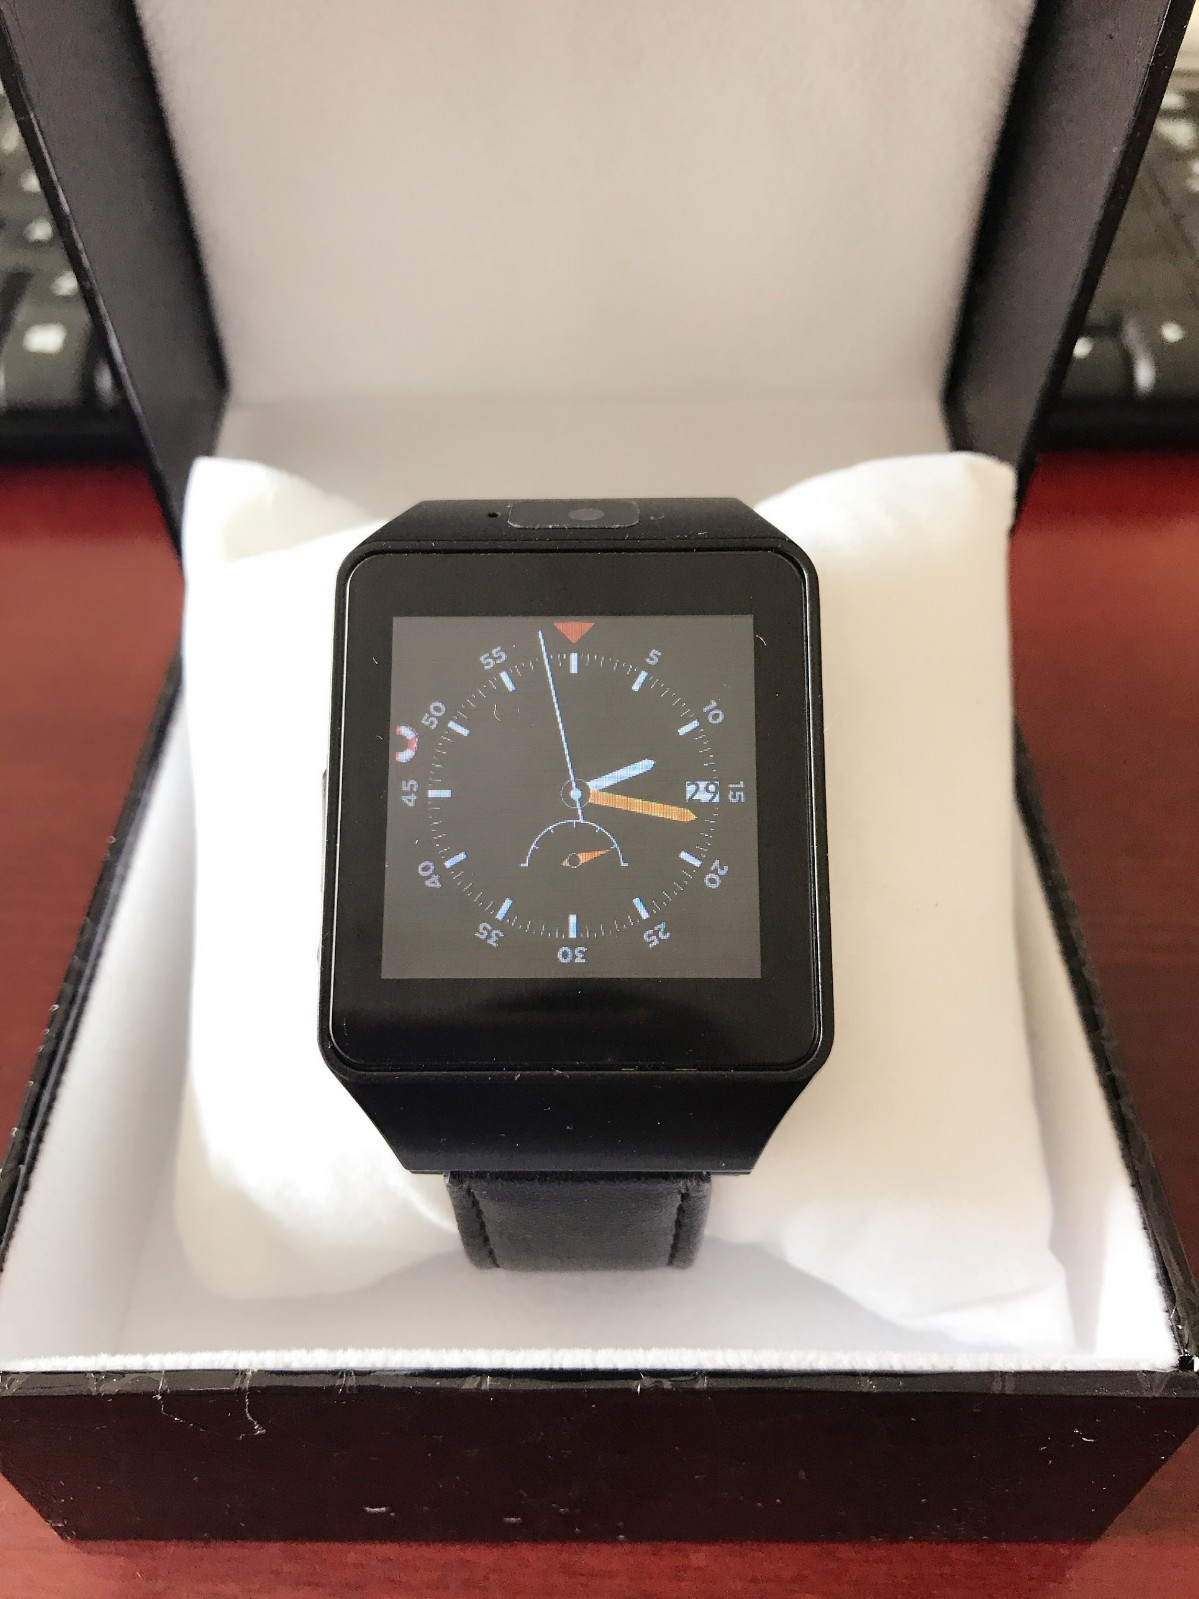 矿用本安型智能手表:支持通话、微信、短信、睡眠监测、计步等